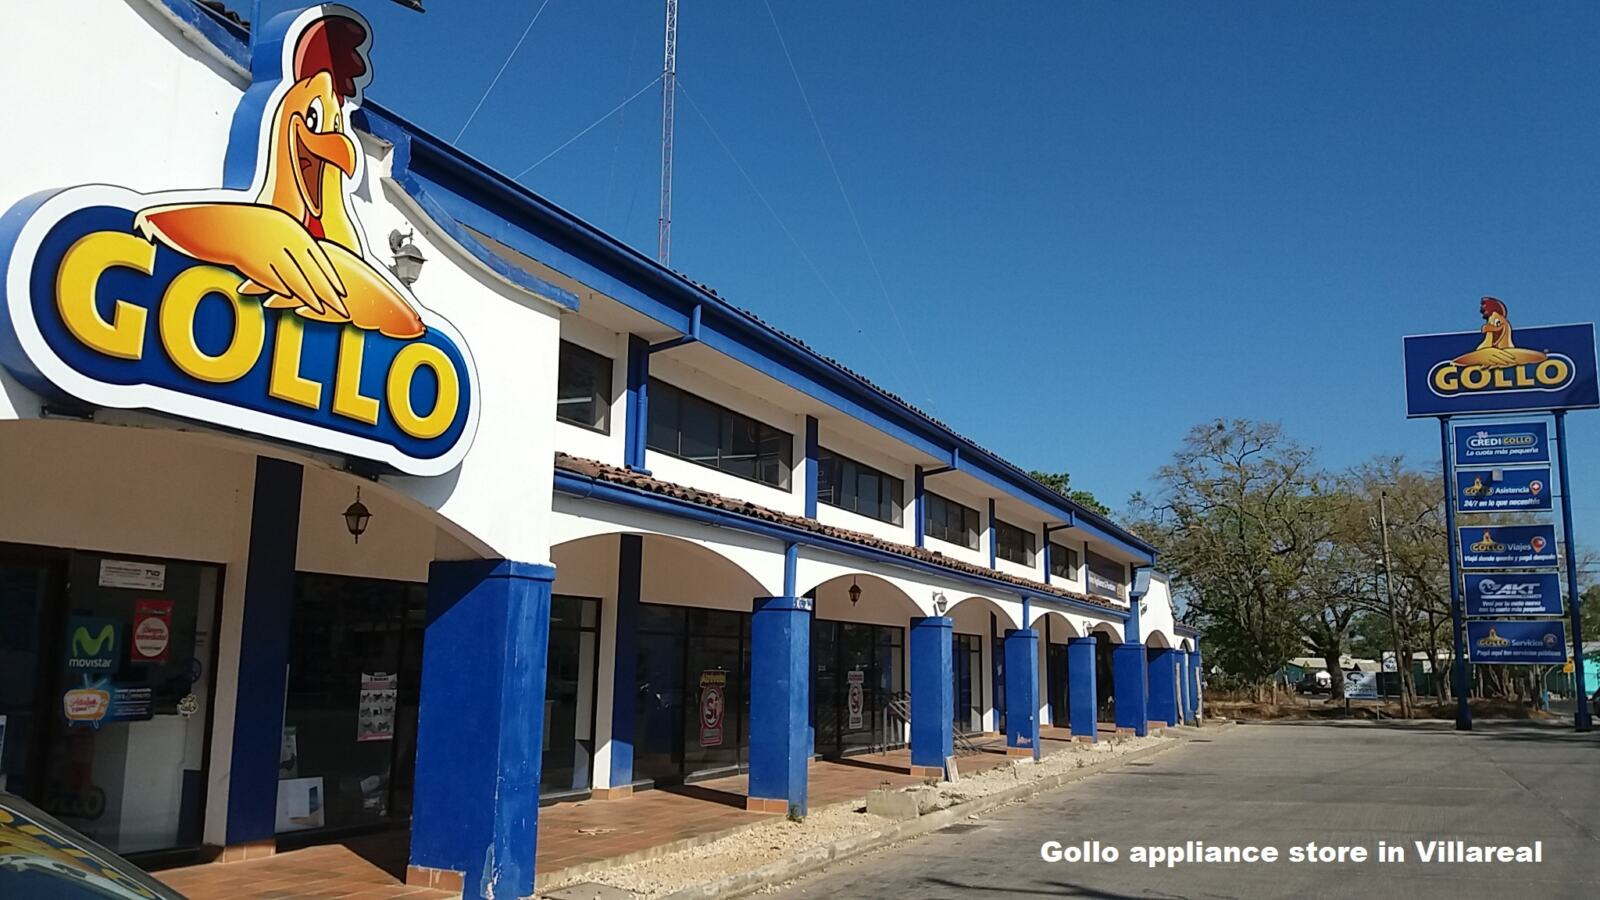 Gollo